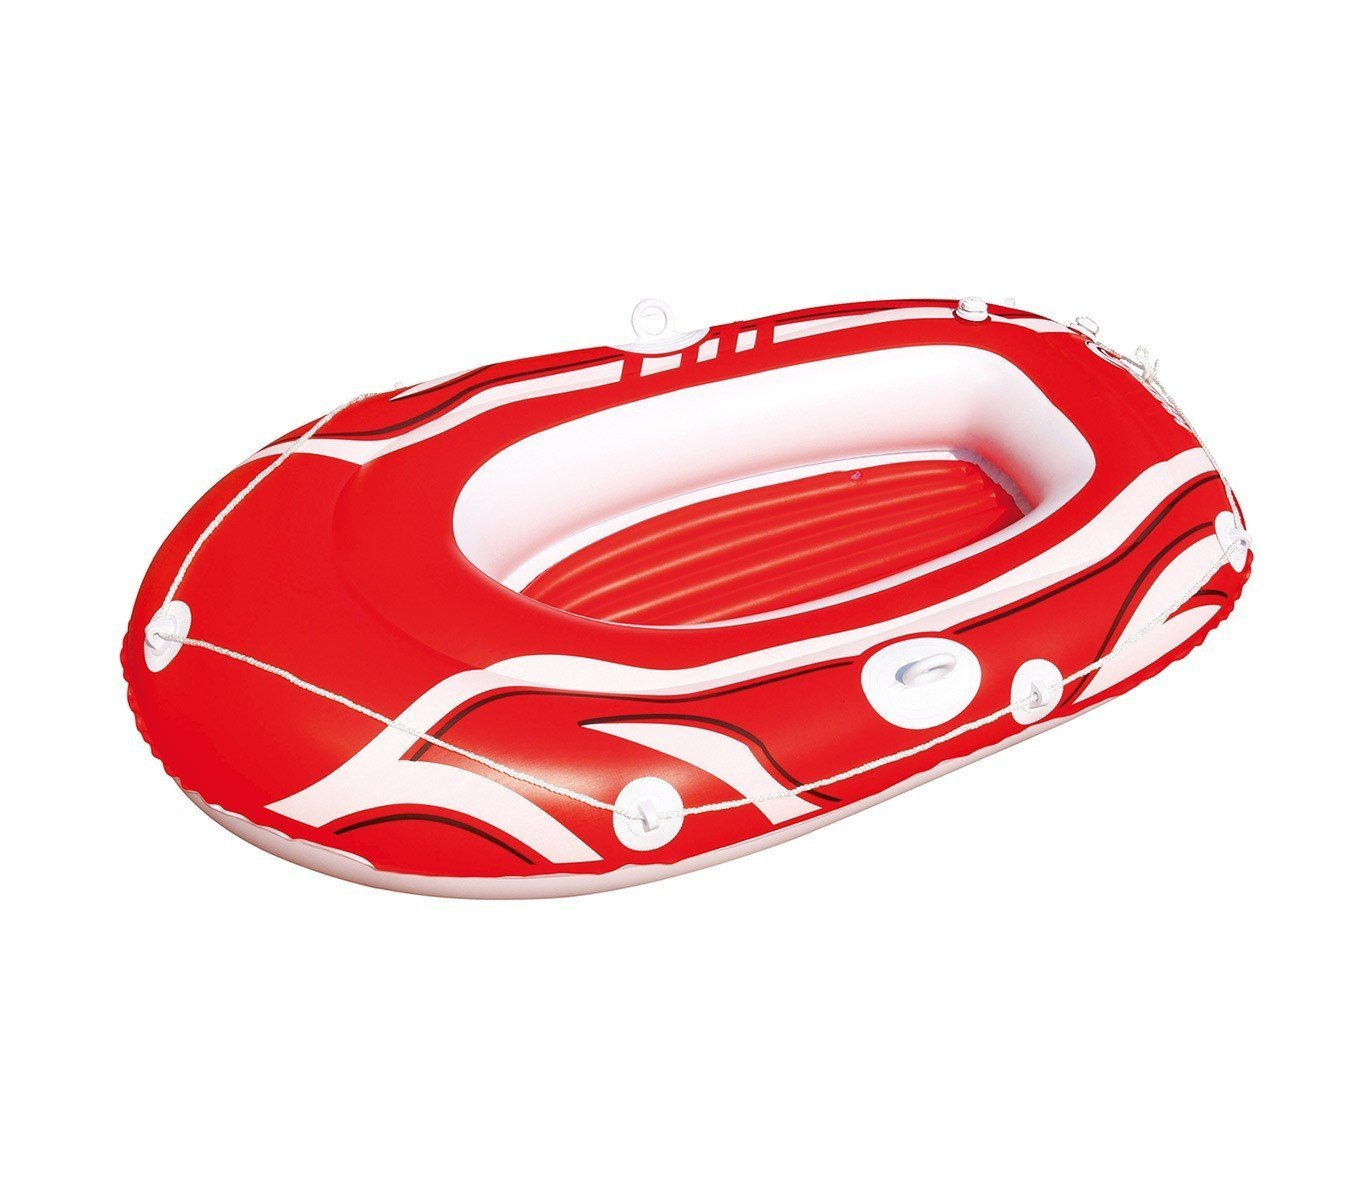 61050 Bestway Bote inflable en 3 colores 155 x 93 cm para niños y adultos - Rojo